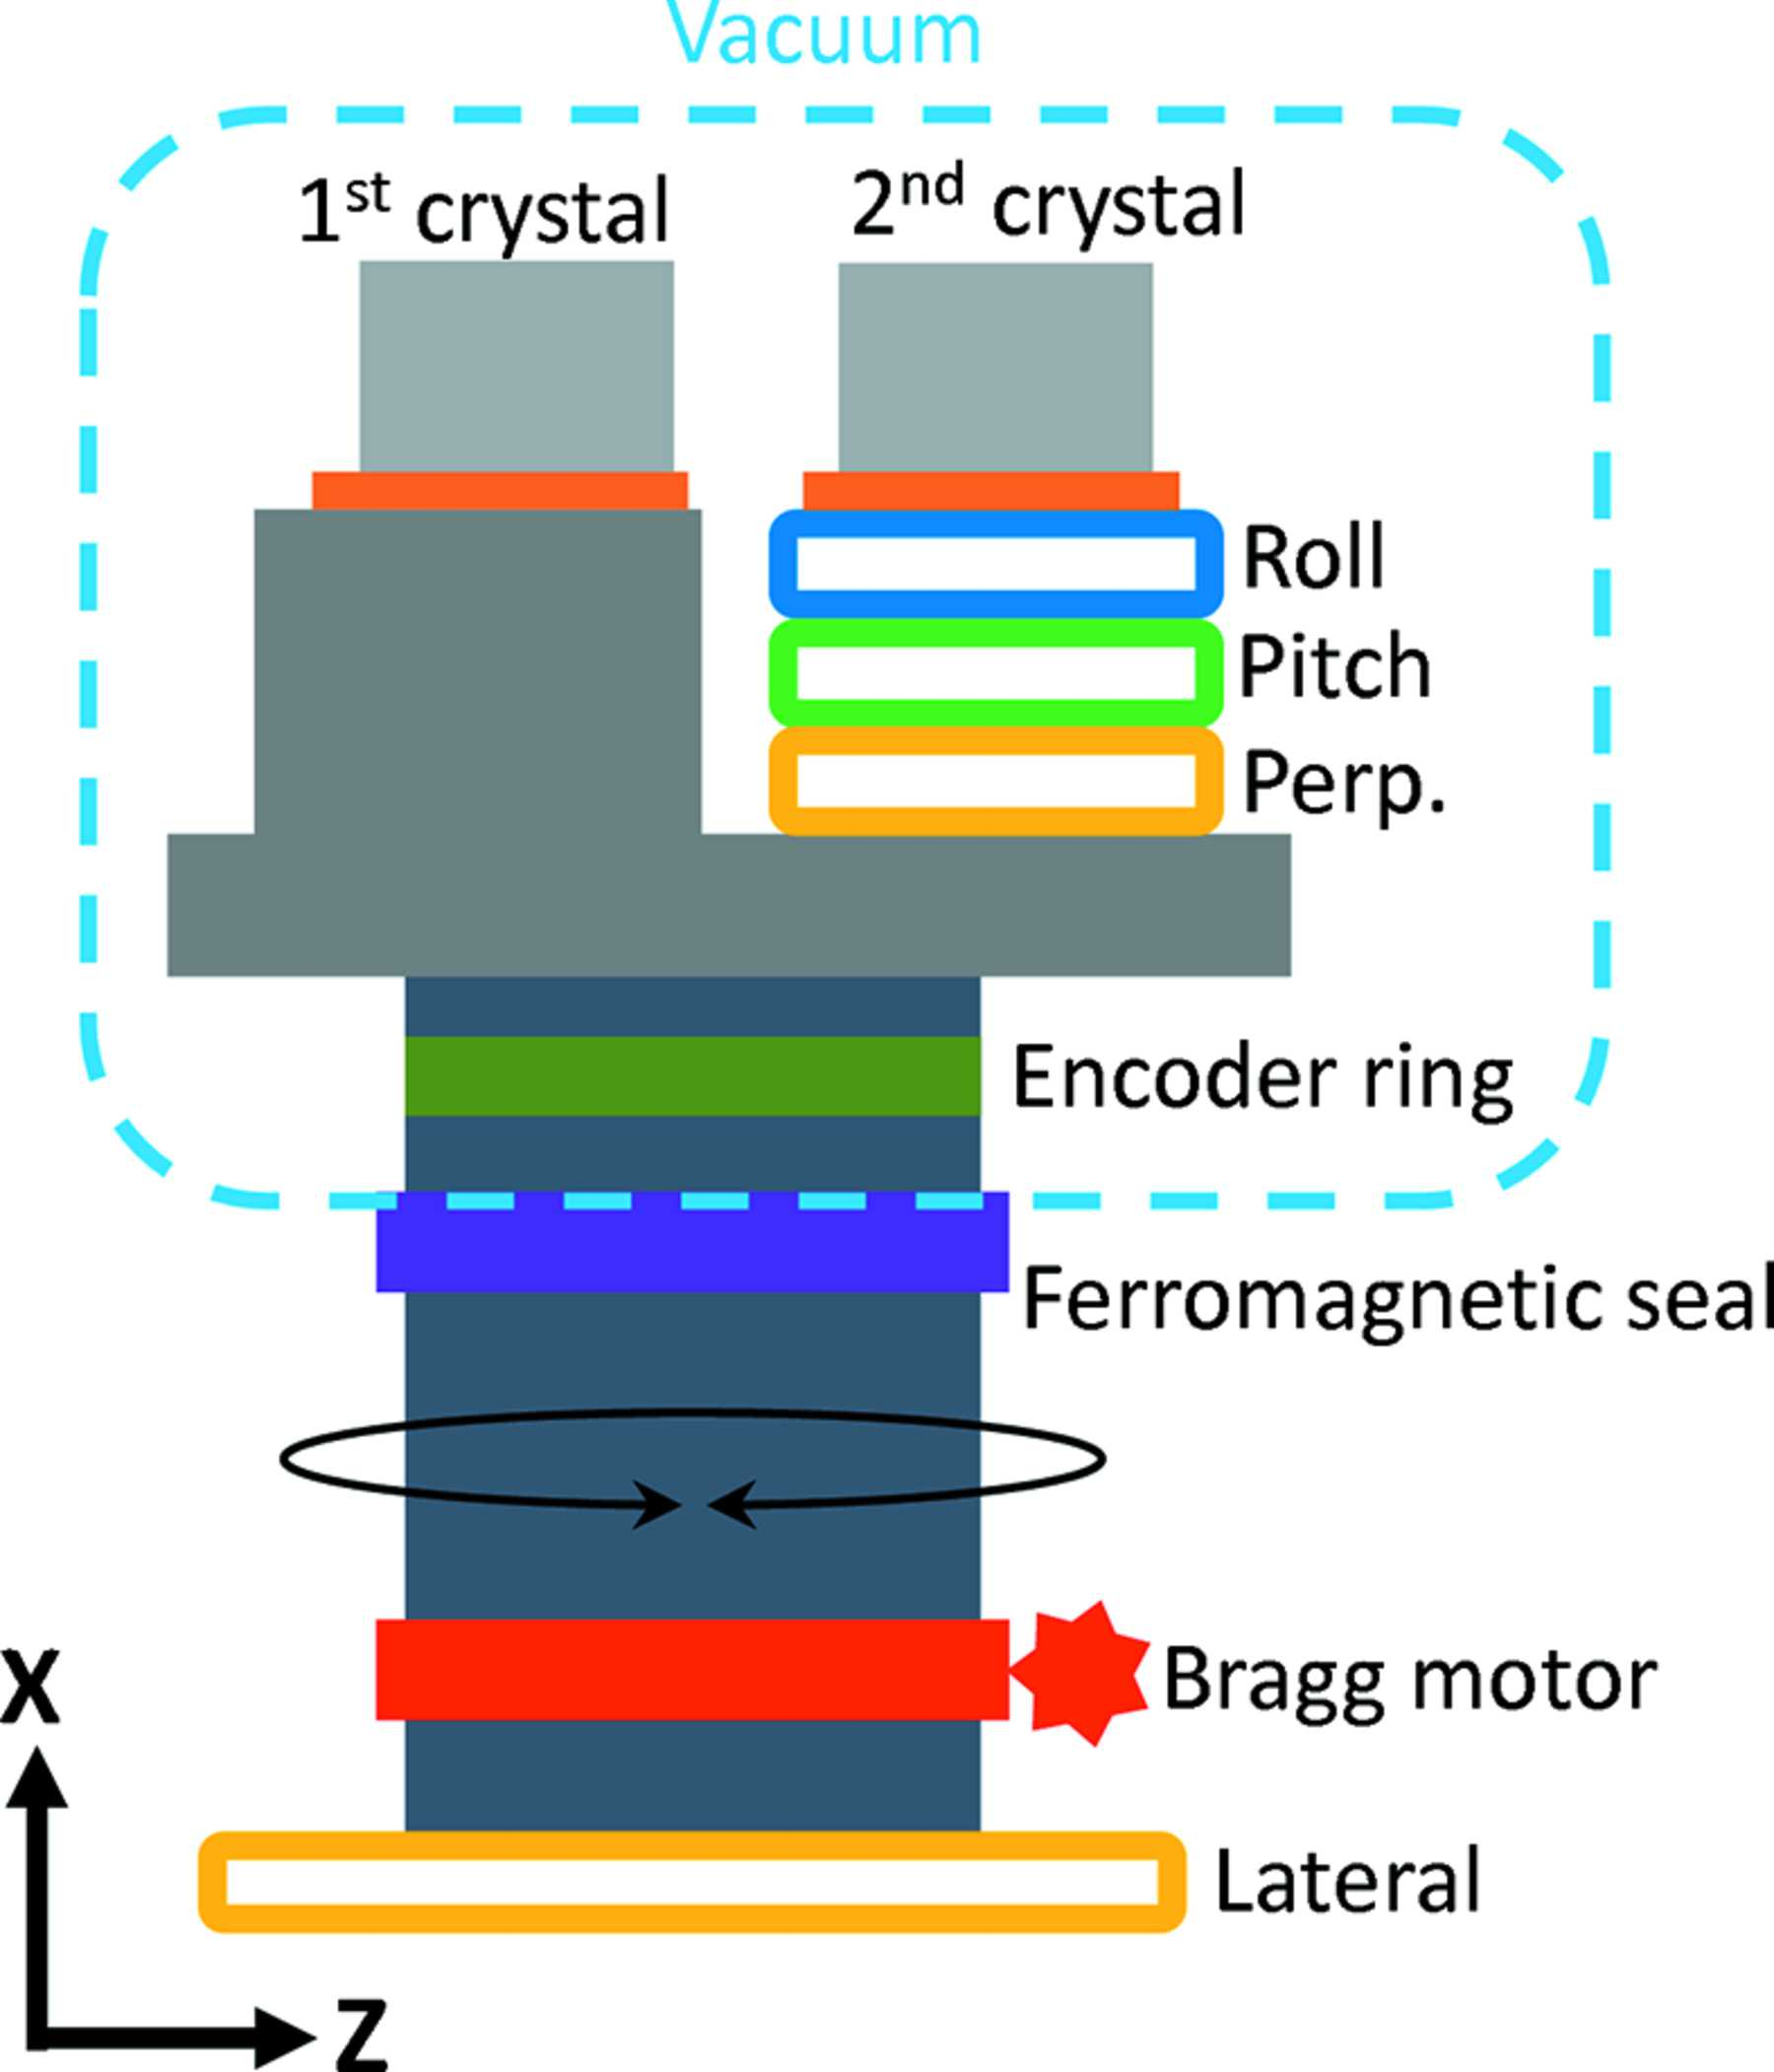 IUCr) Vibrational stability of a cryocooled horizontal